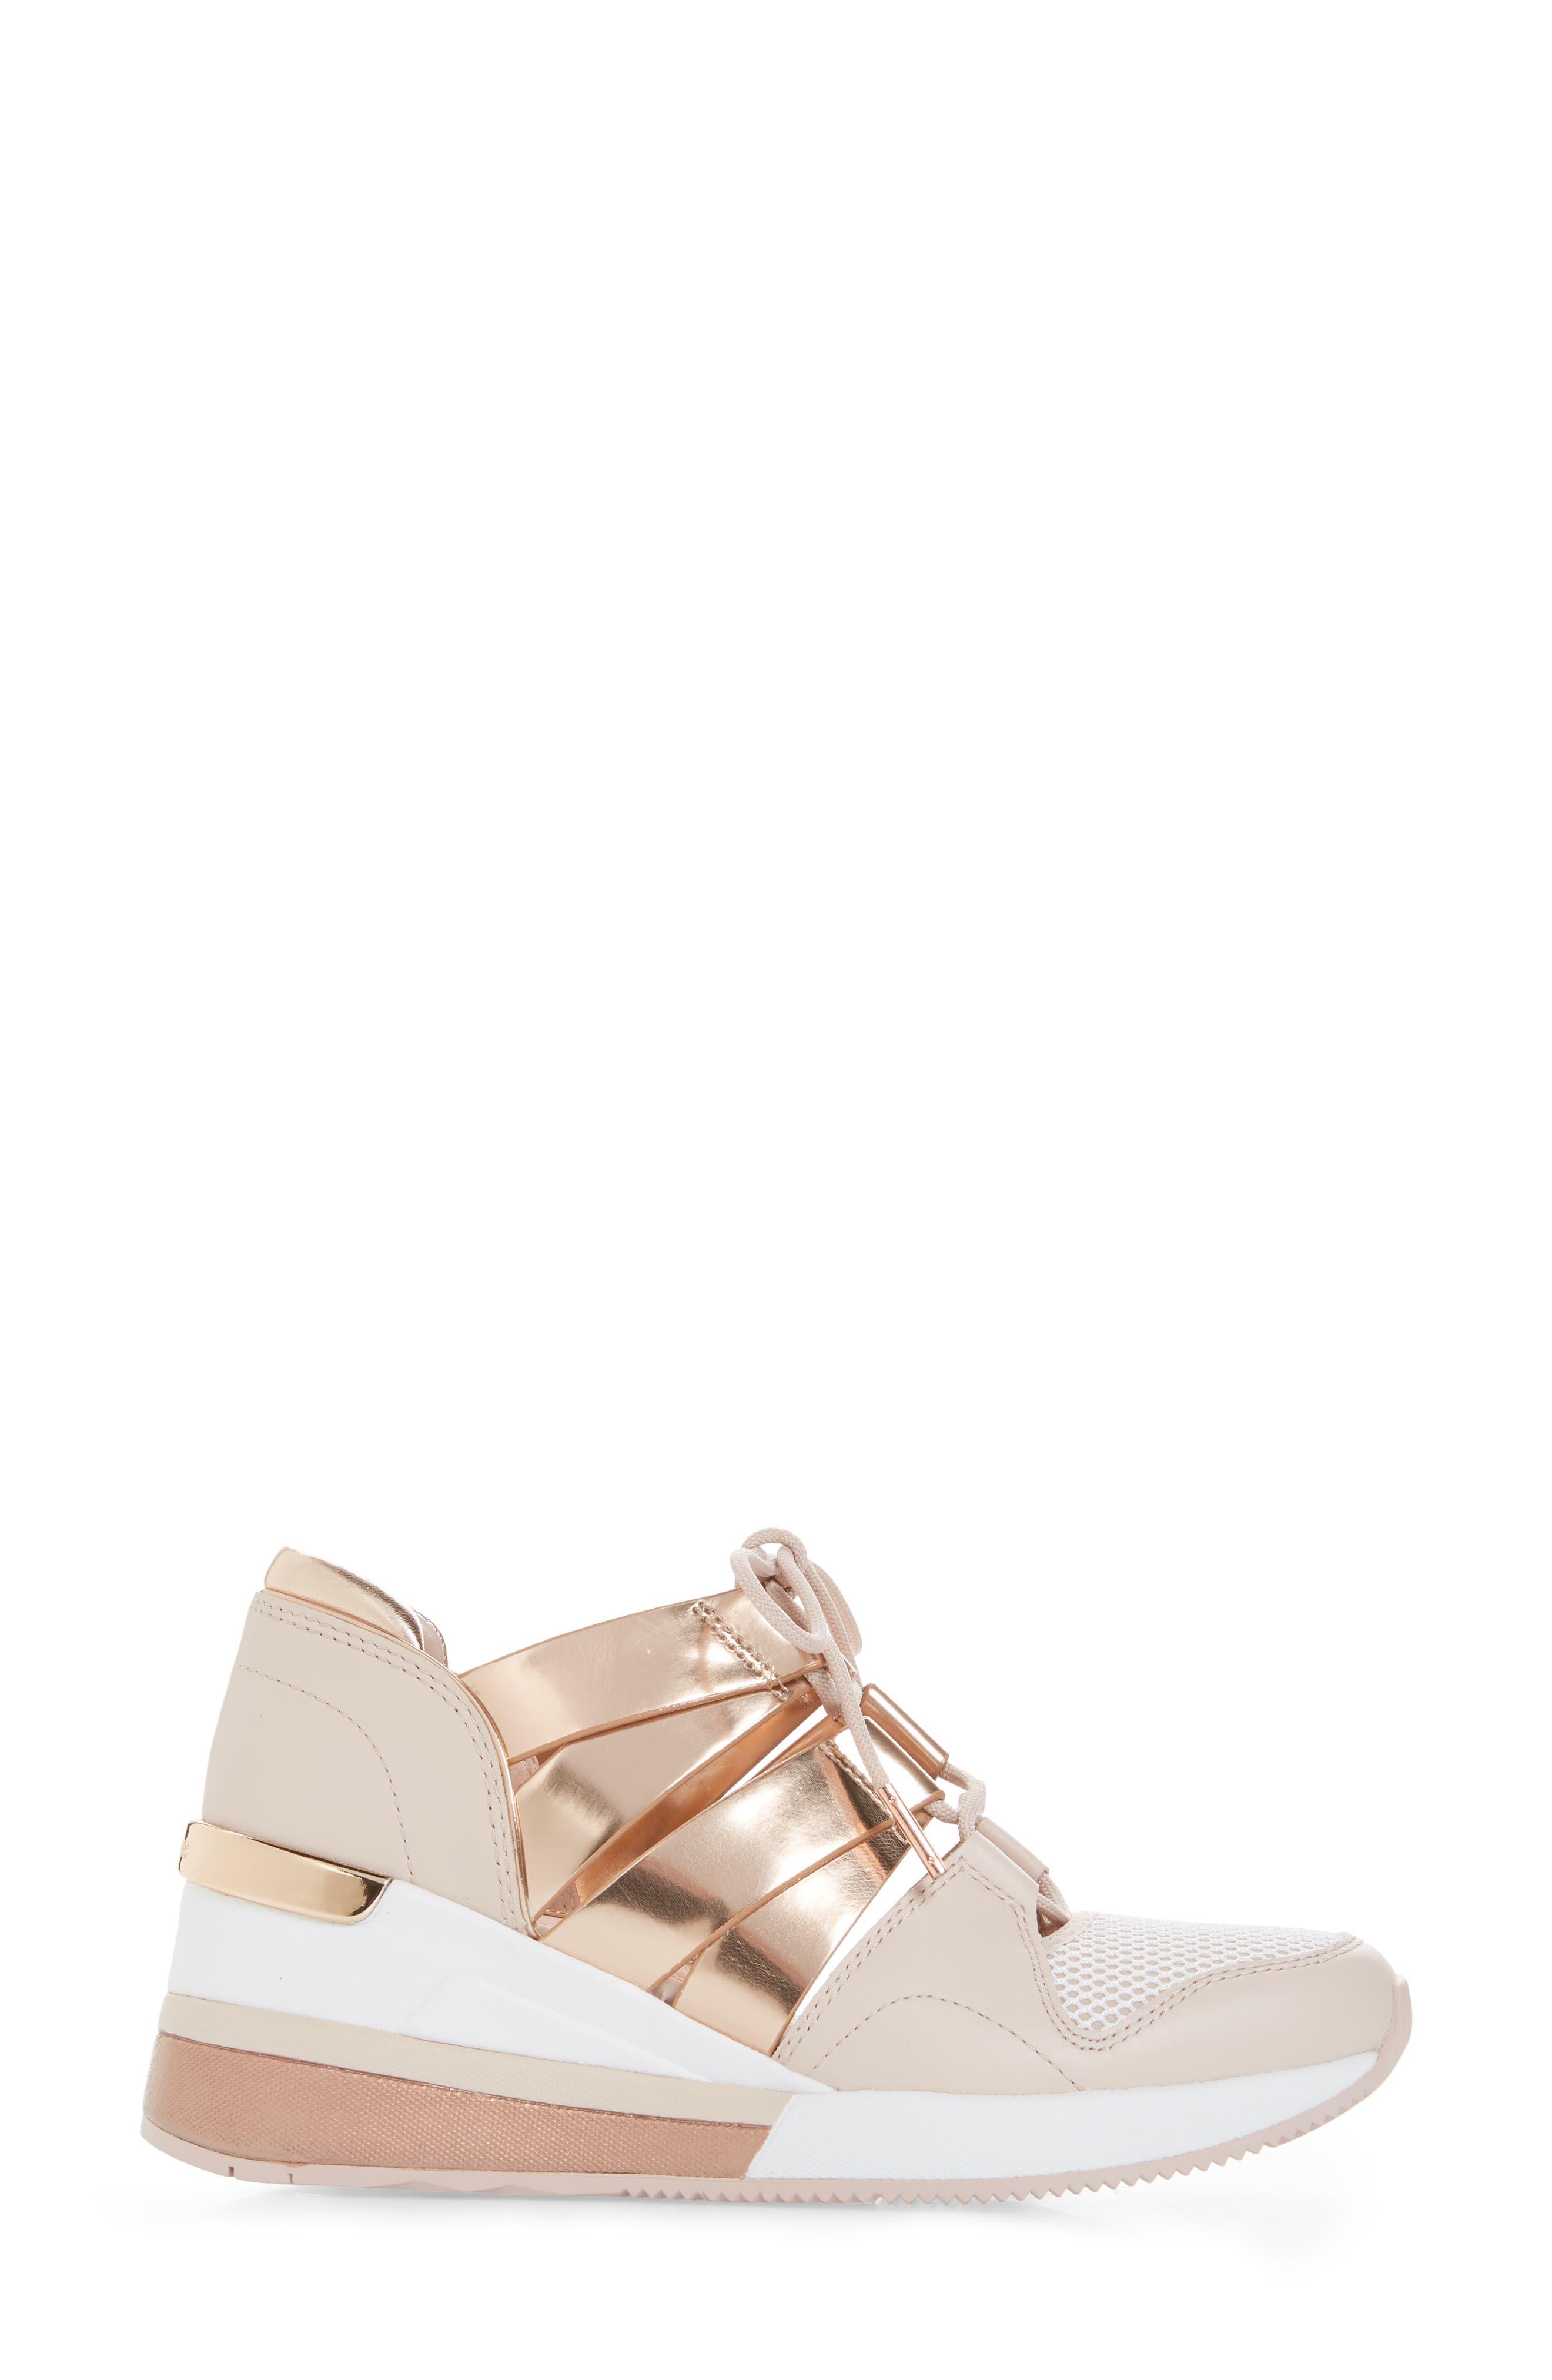 Beckett Sneaker,                             Alternate thumbnail 3, color,                             Gold